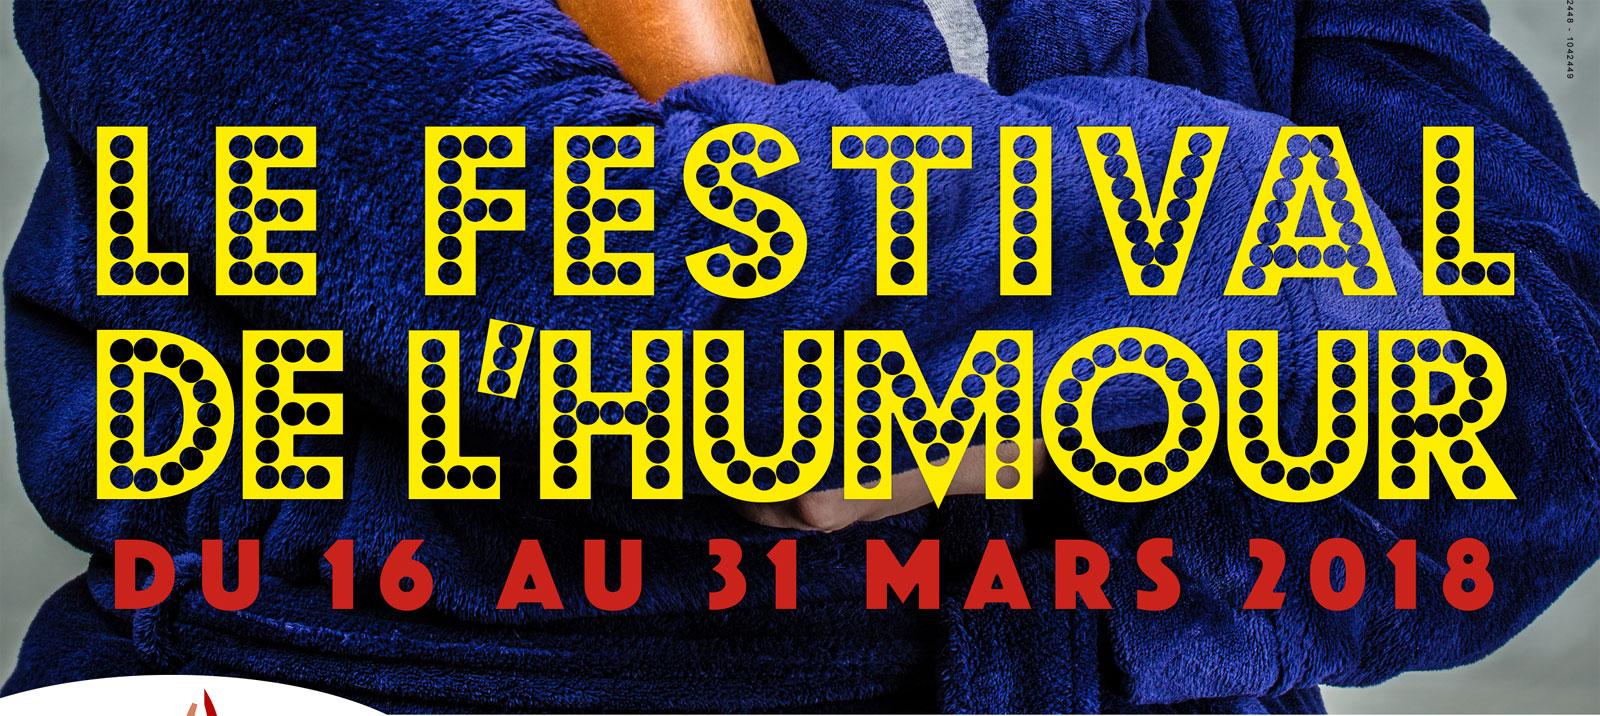 Festival de l'humour à Montigny-lès-Metz : programme complet